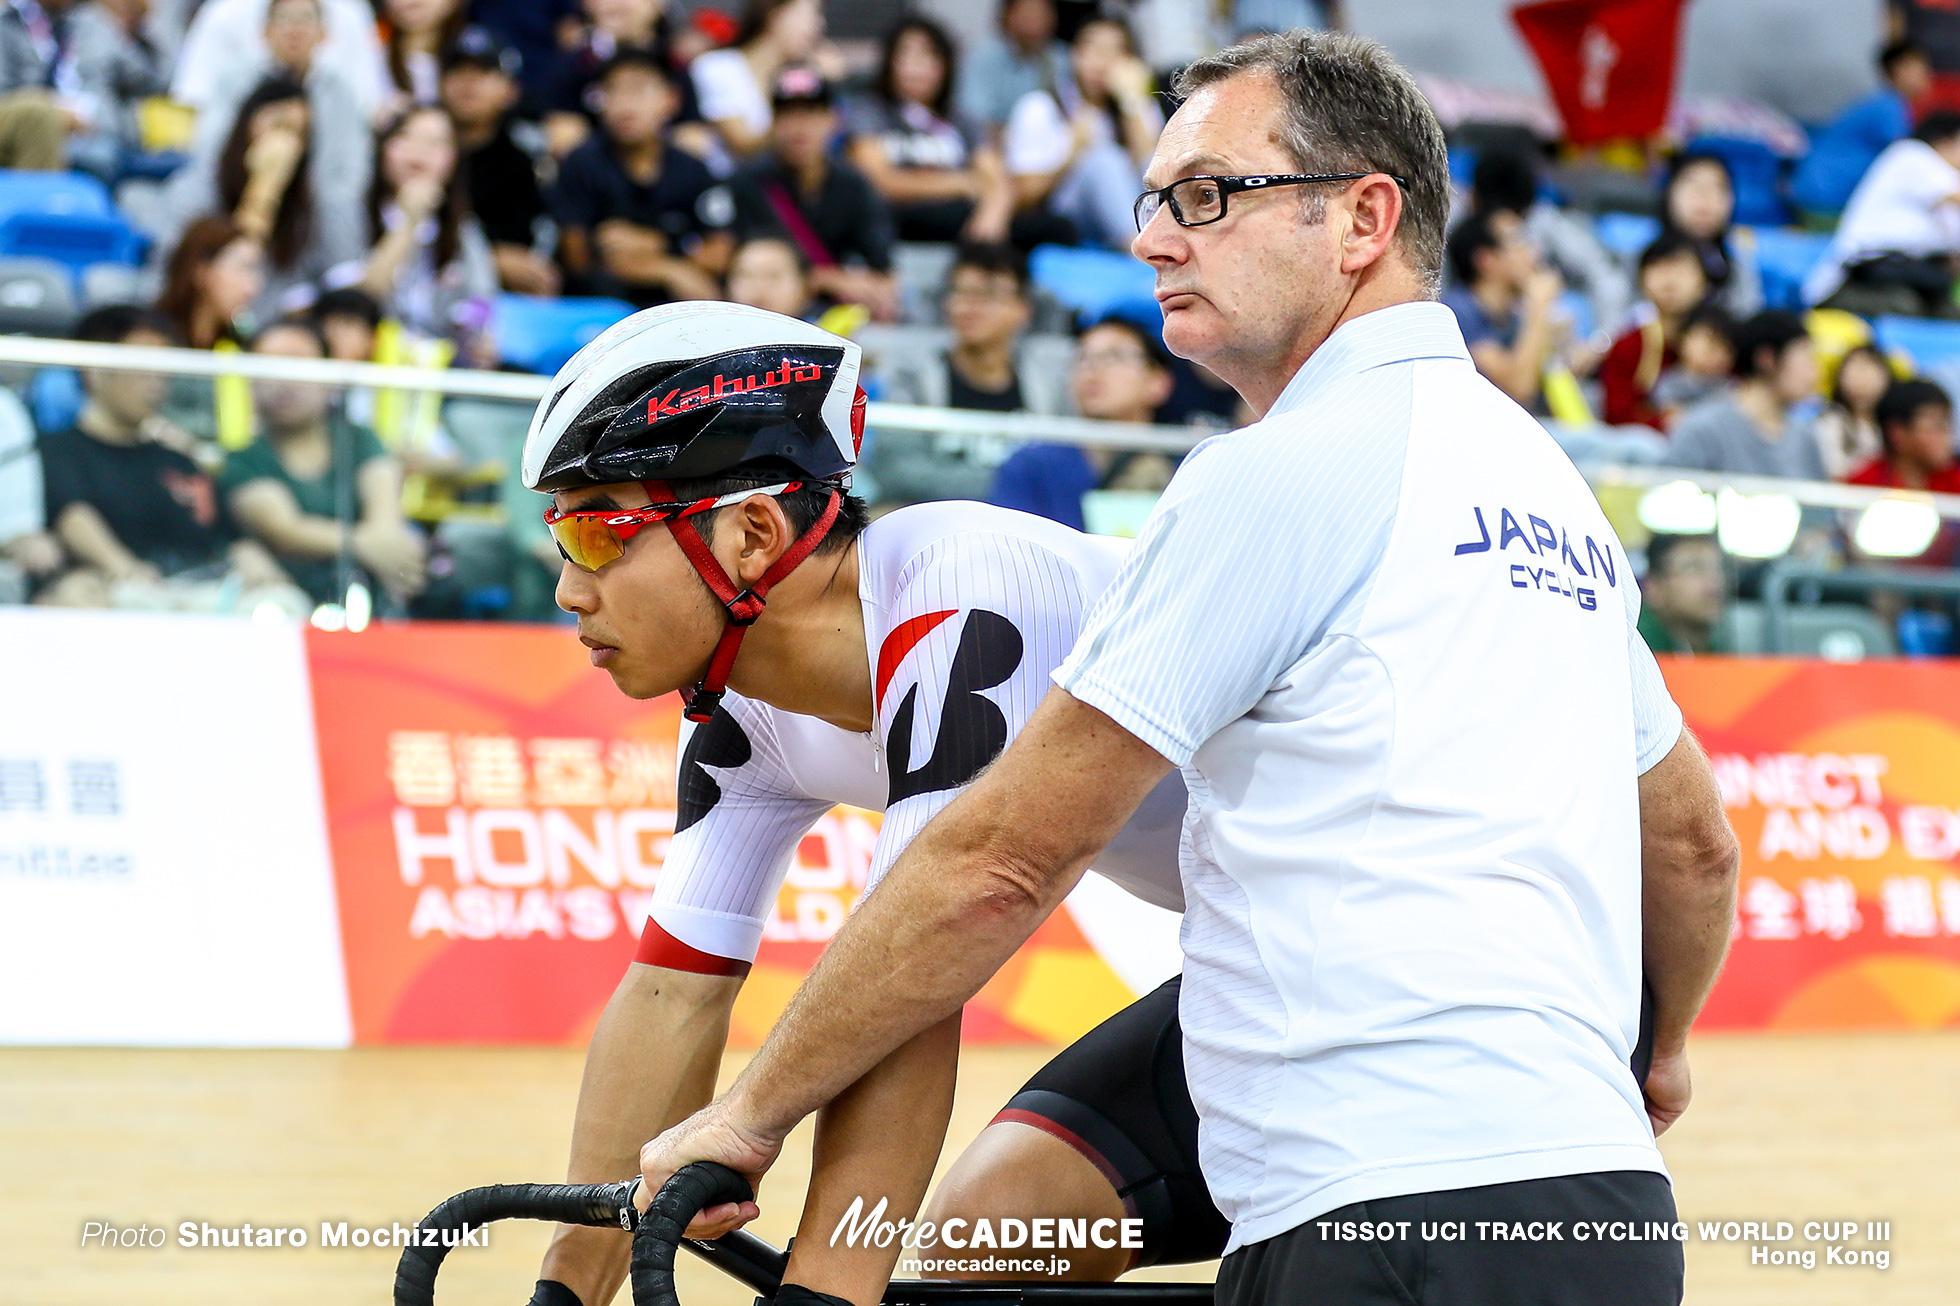 Men's Madison / TISSOT UCI TRACK CYCLING WORLD CUP III, Hong Kong, 今村駿介 クレイグ・グリフィン